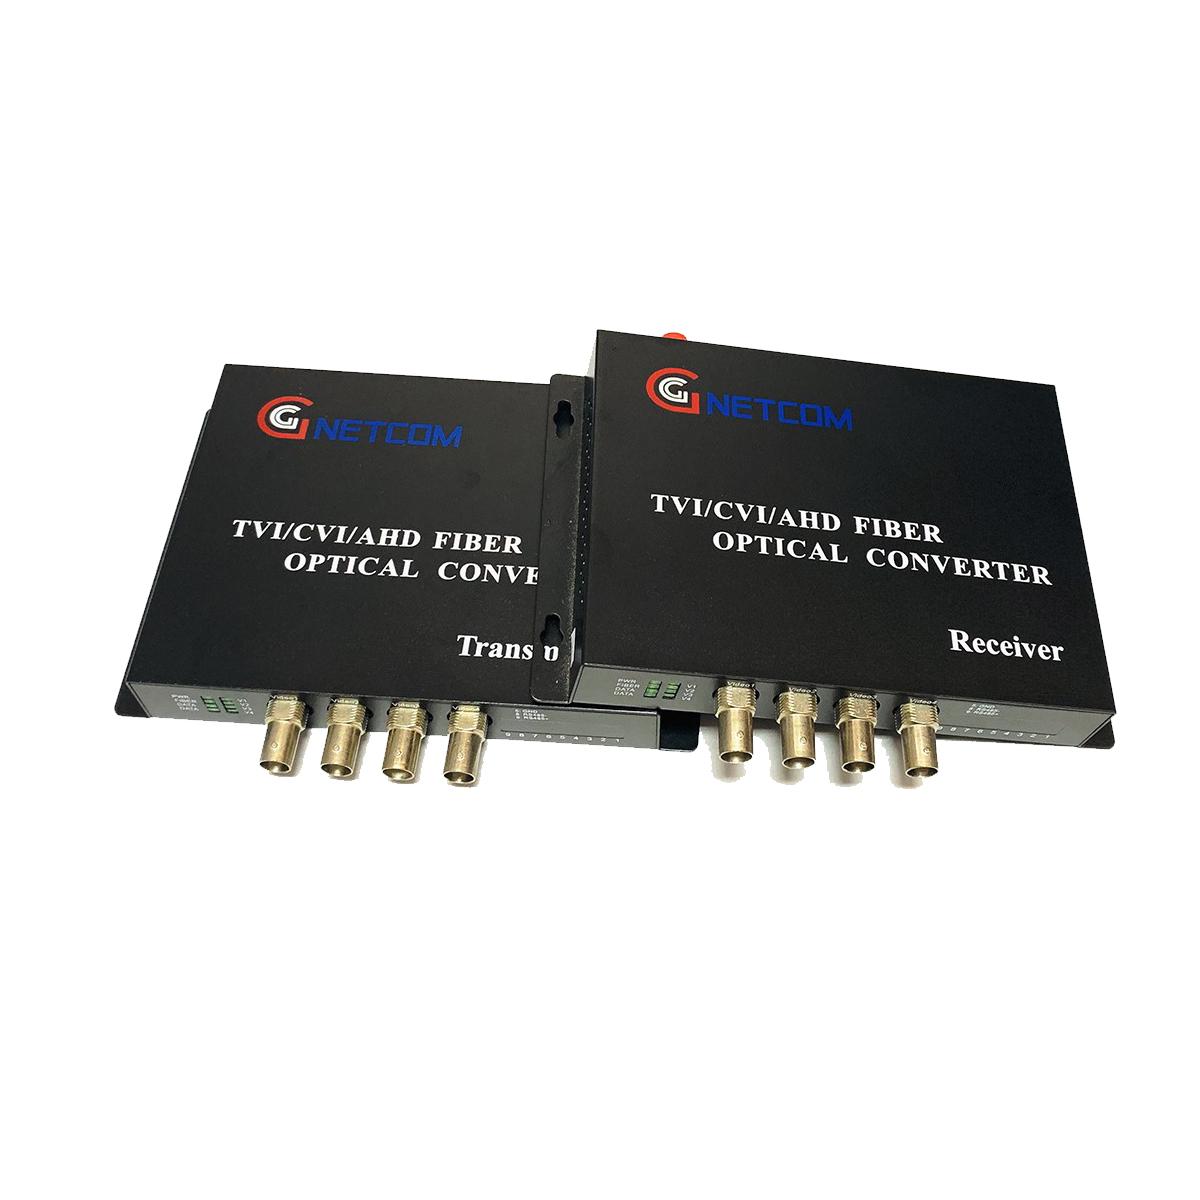 Bộ chuyển đổi Video sang quang 4 kênh GNETCOM HL-4V-20T/R-720P (2 thiết bị,2 adapter) - Hàng Chính Hãng